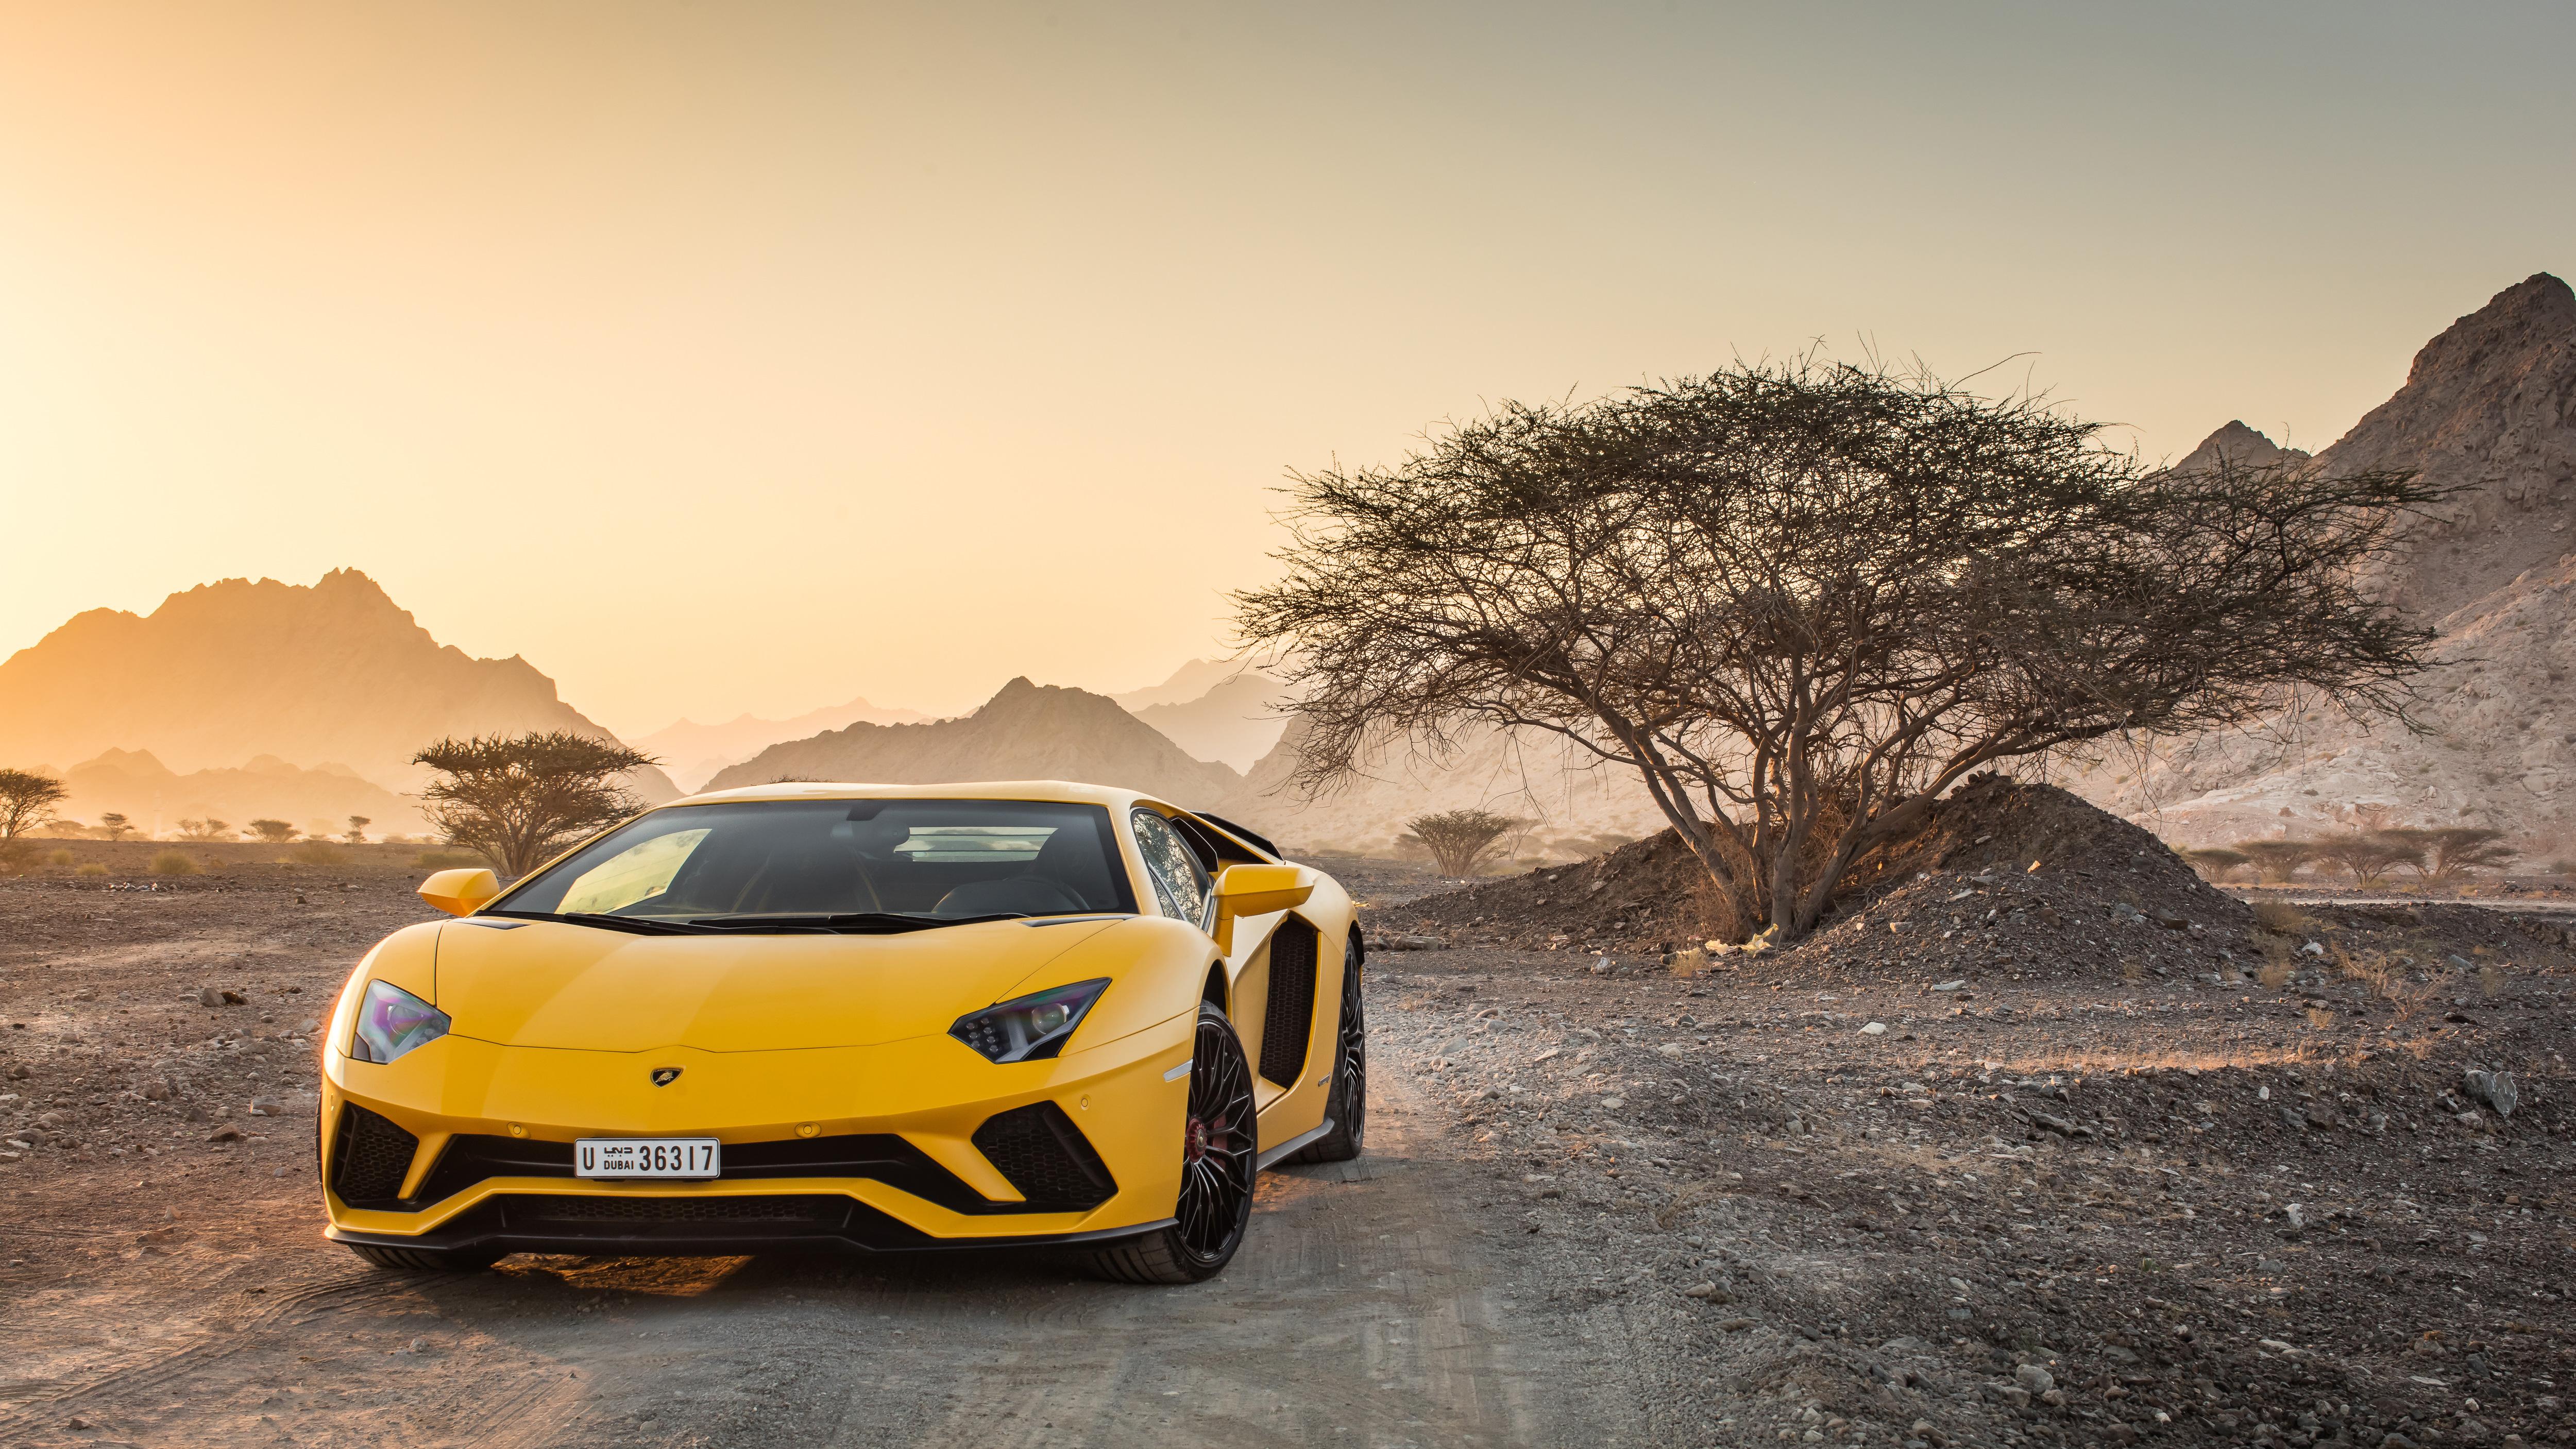 Lamborghini Aventador Green 4k Hd Cars 4k Wallpapers: Yellow Lamborghini Aventador 5k, HD Cars, 4k Wallpapers